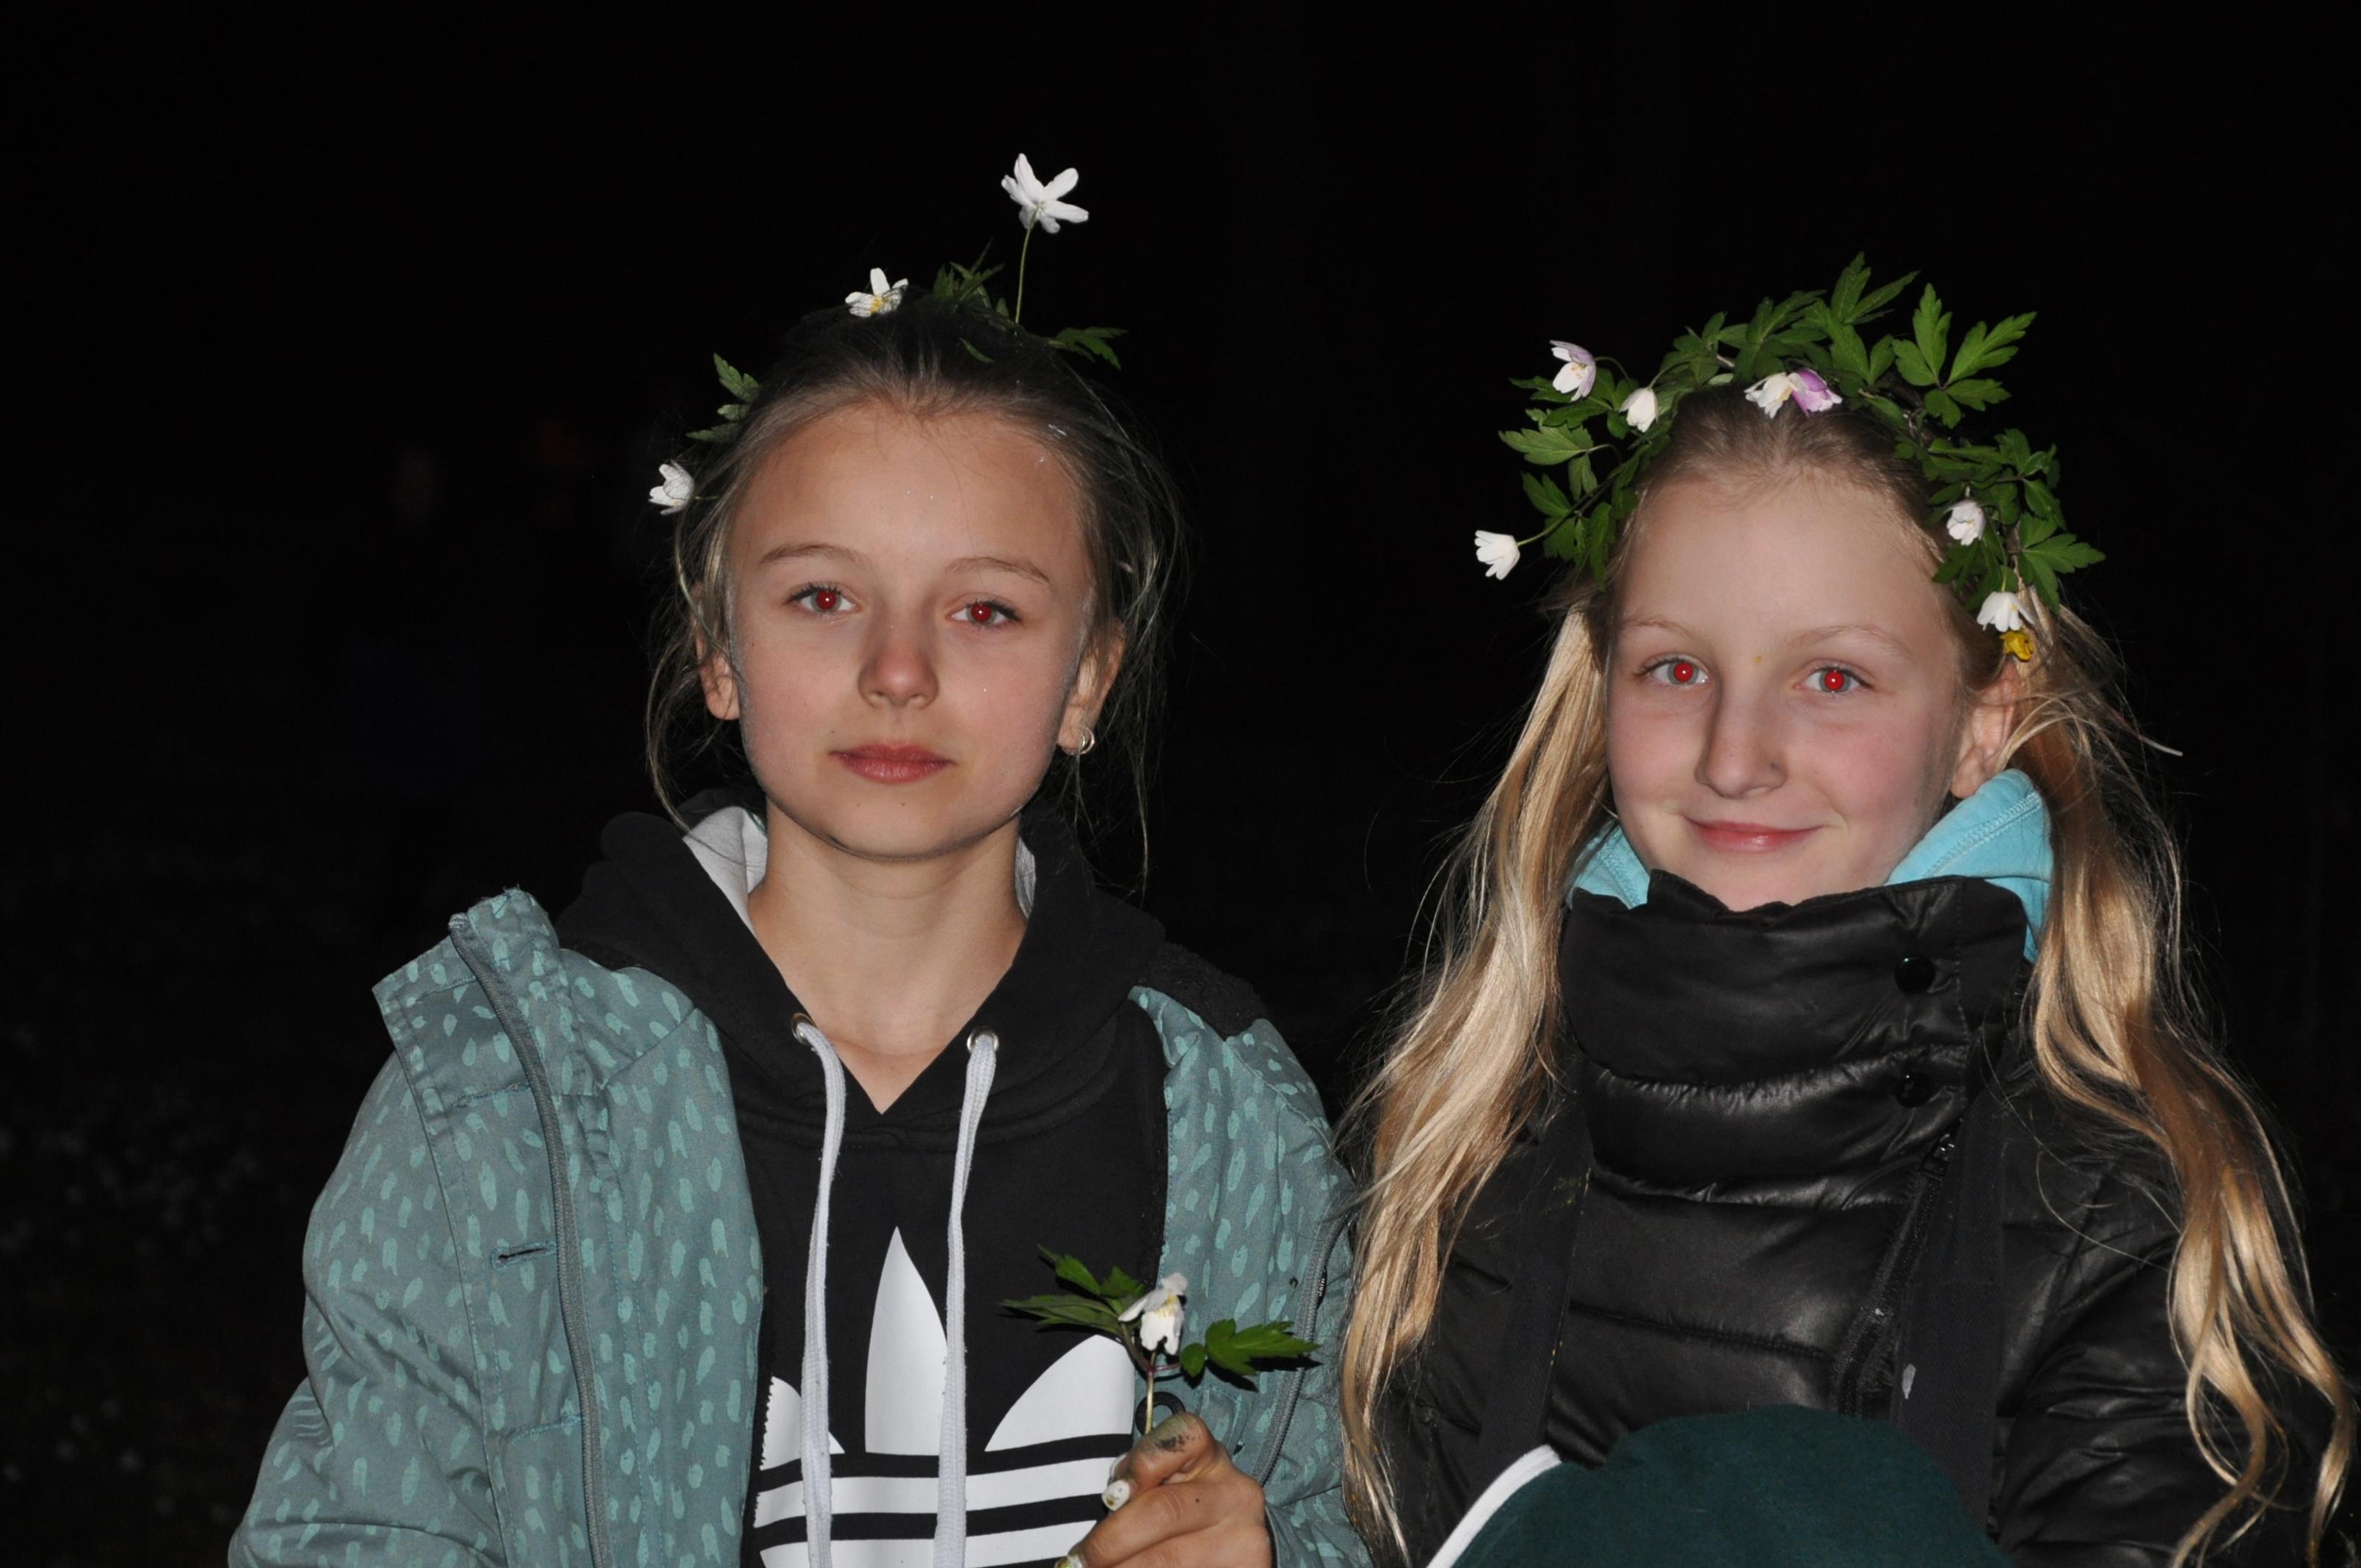 nachtwanderung mit Blumenkränzchen